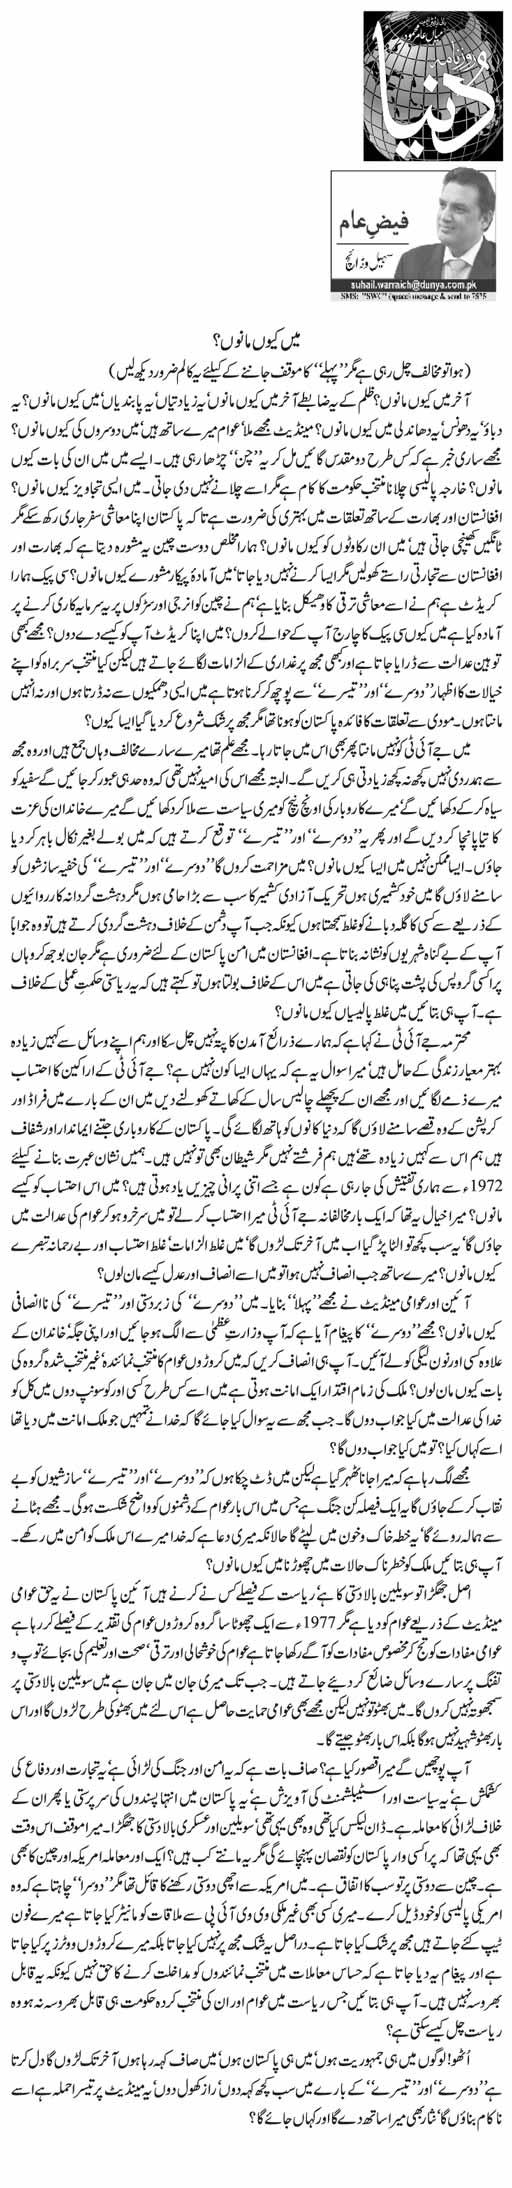 Mein Kyun Manoo? | Sohail Warraich | Daily Urdu Columns